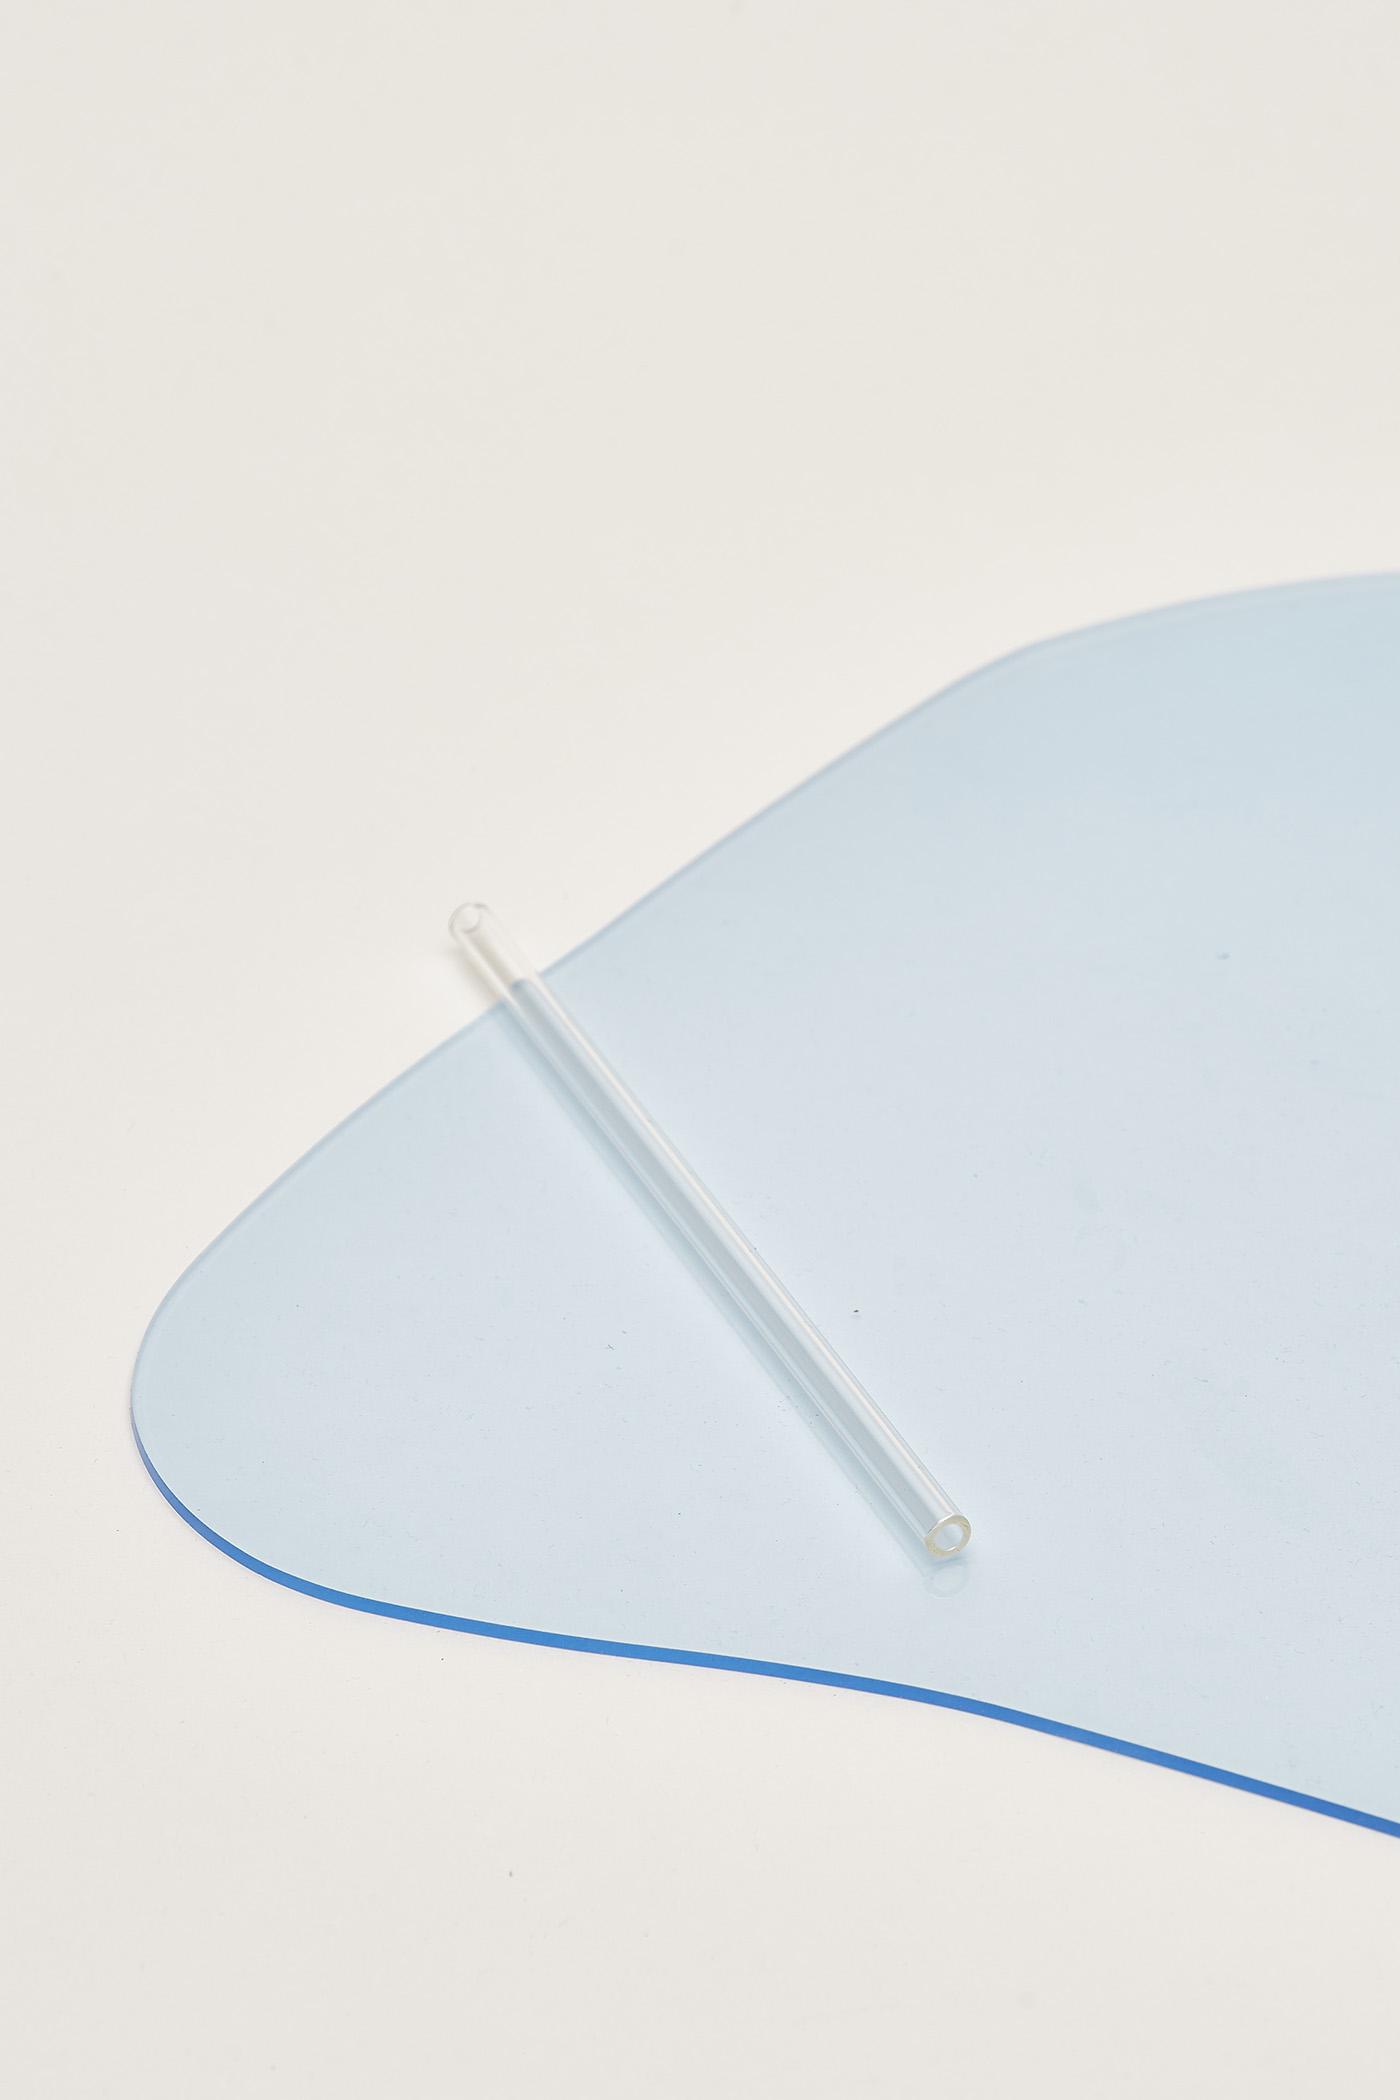 Trendglas Glass Straw 20cm